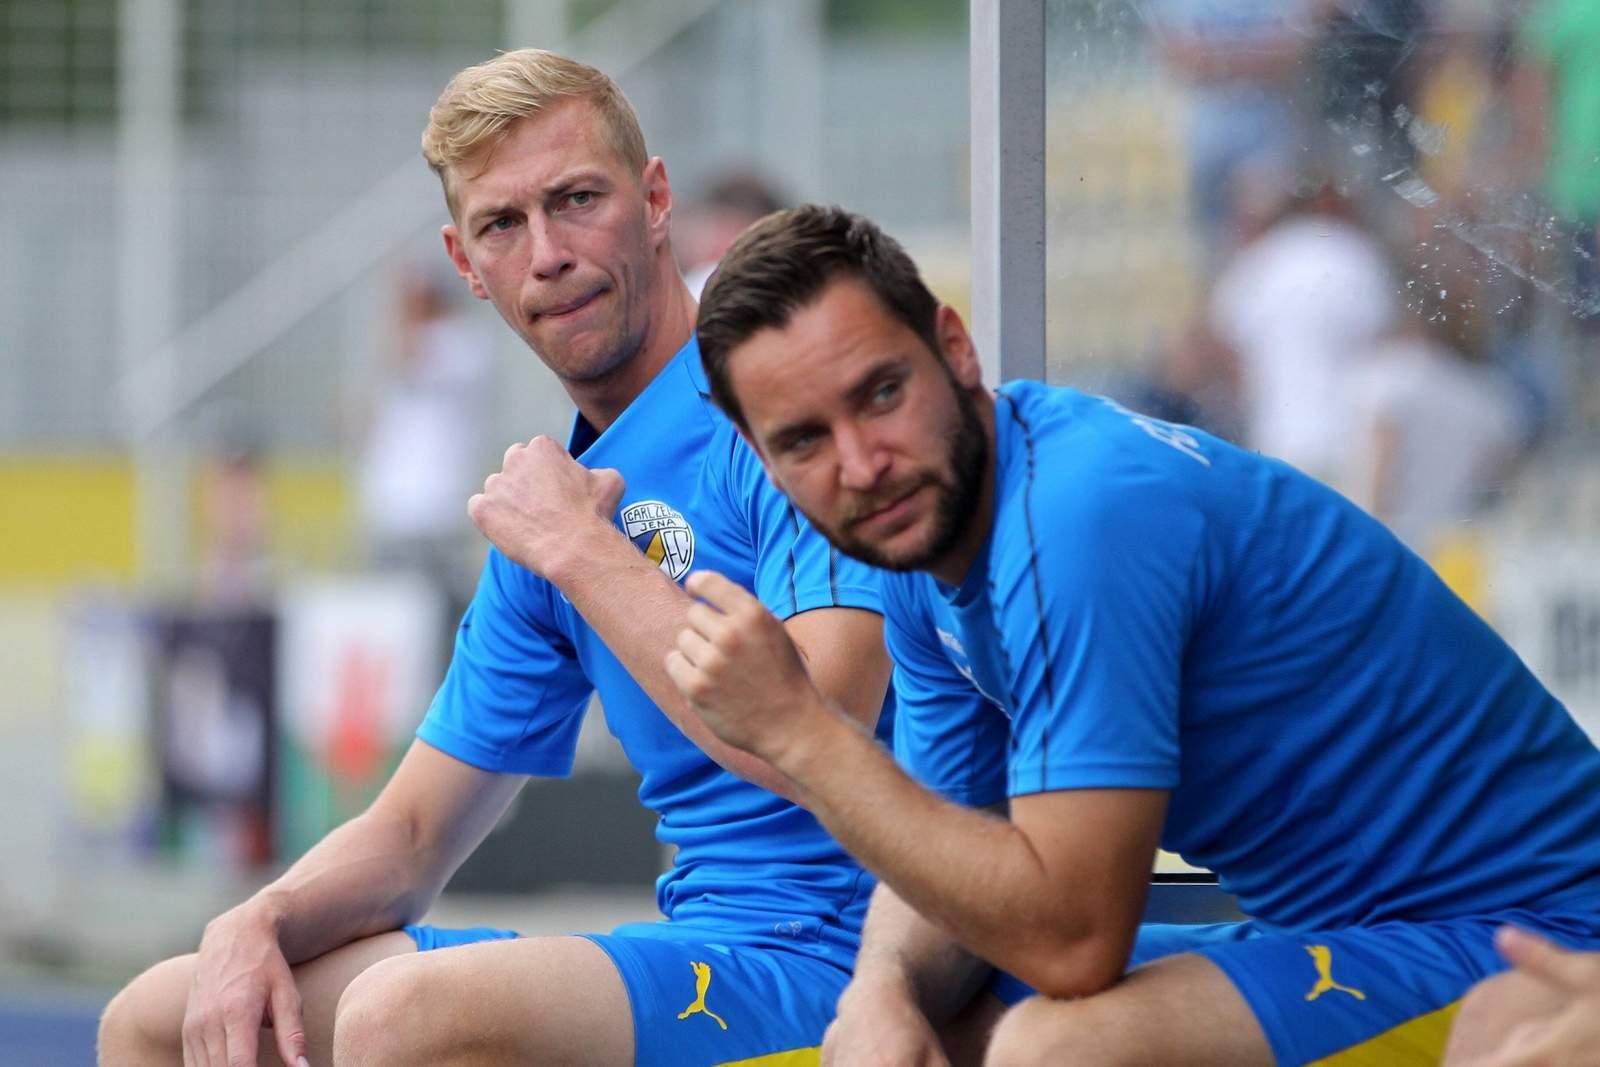 Sören Eismann (l.) und Matthias Kühne auf der Bank.